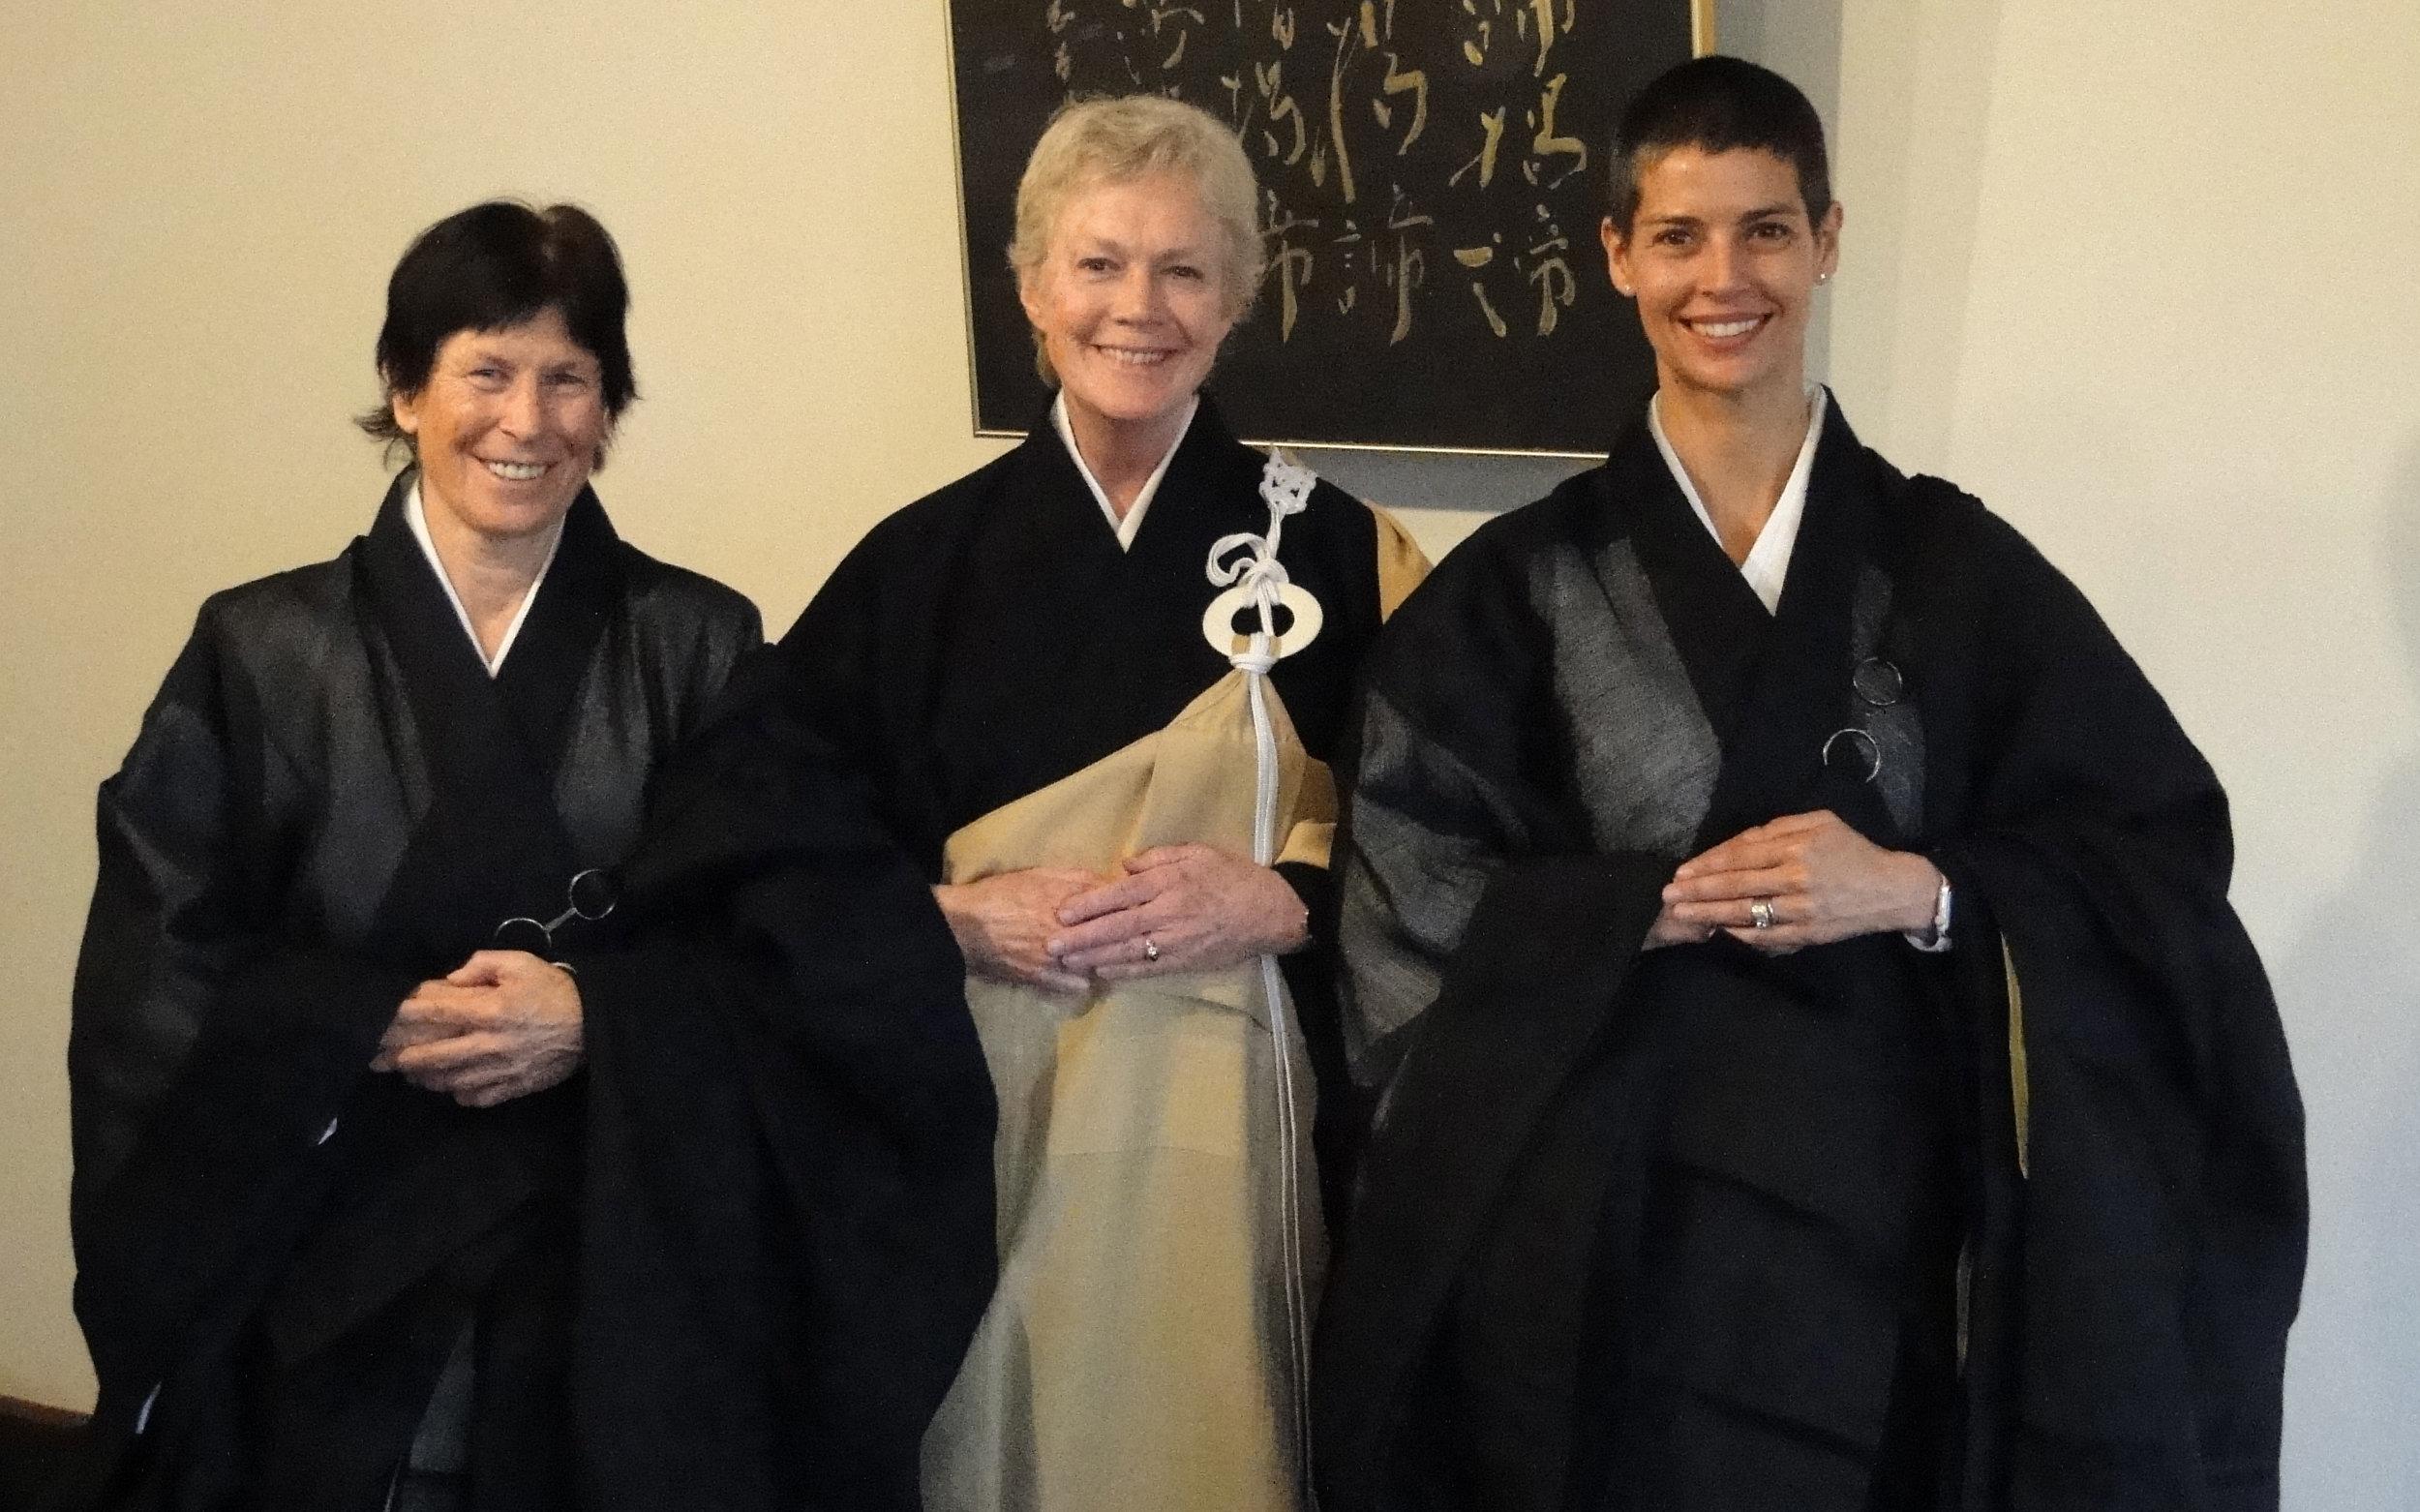 TOKUDO (priest ordination ceremony) for Yugen Kodo and Eryu Kokudo with Roshi Sanchi Shudo